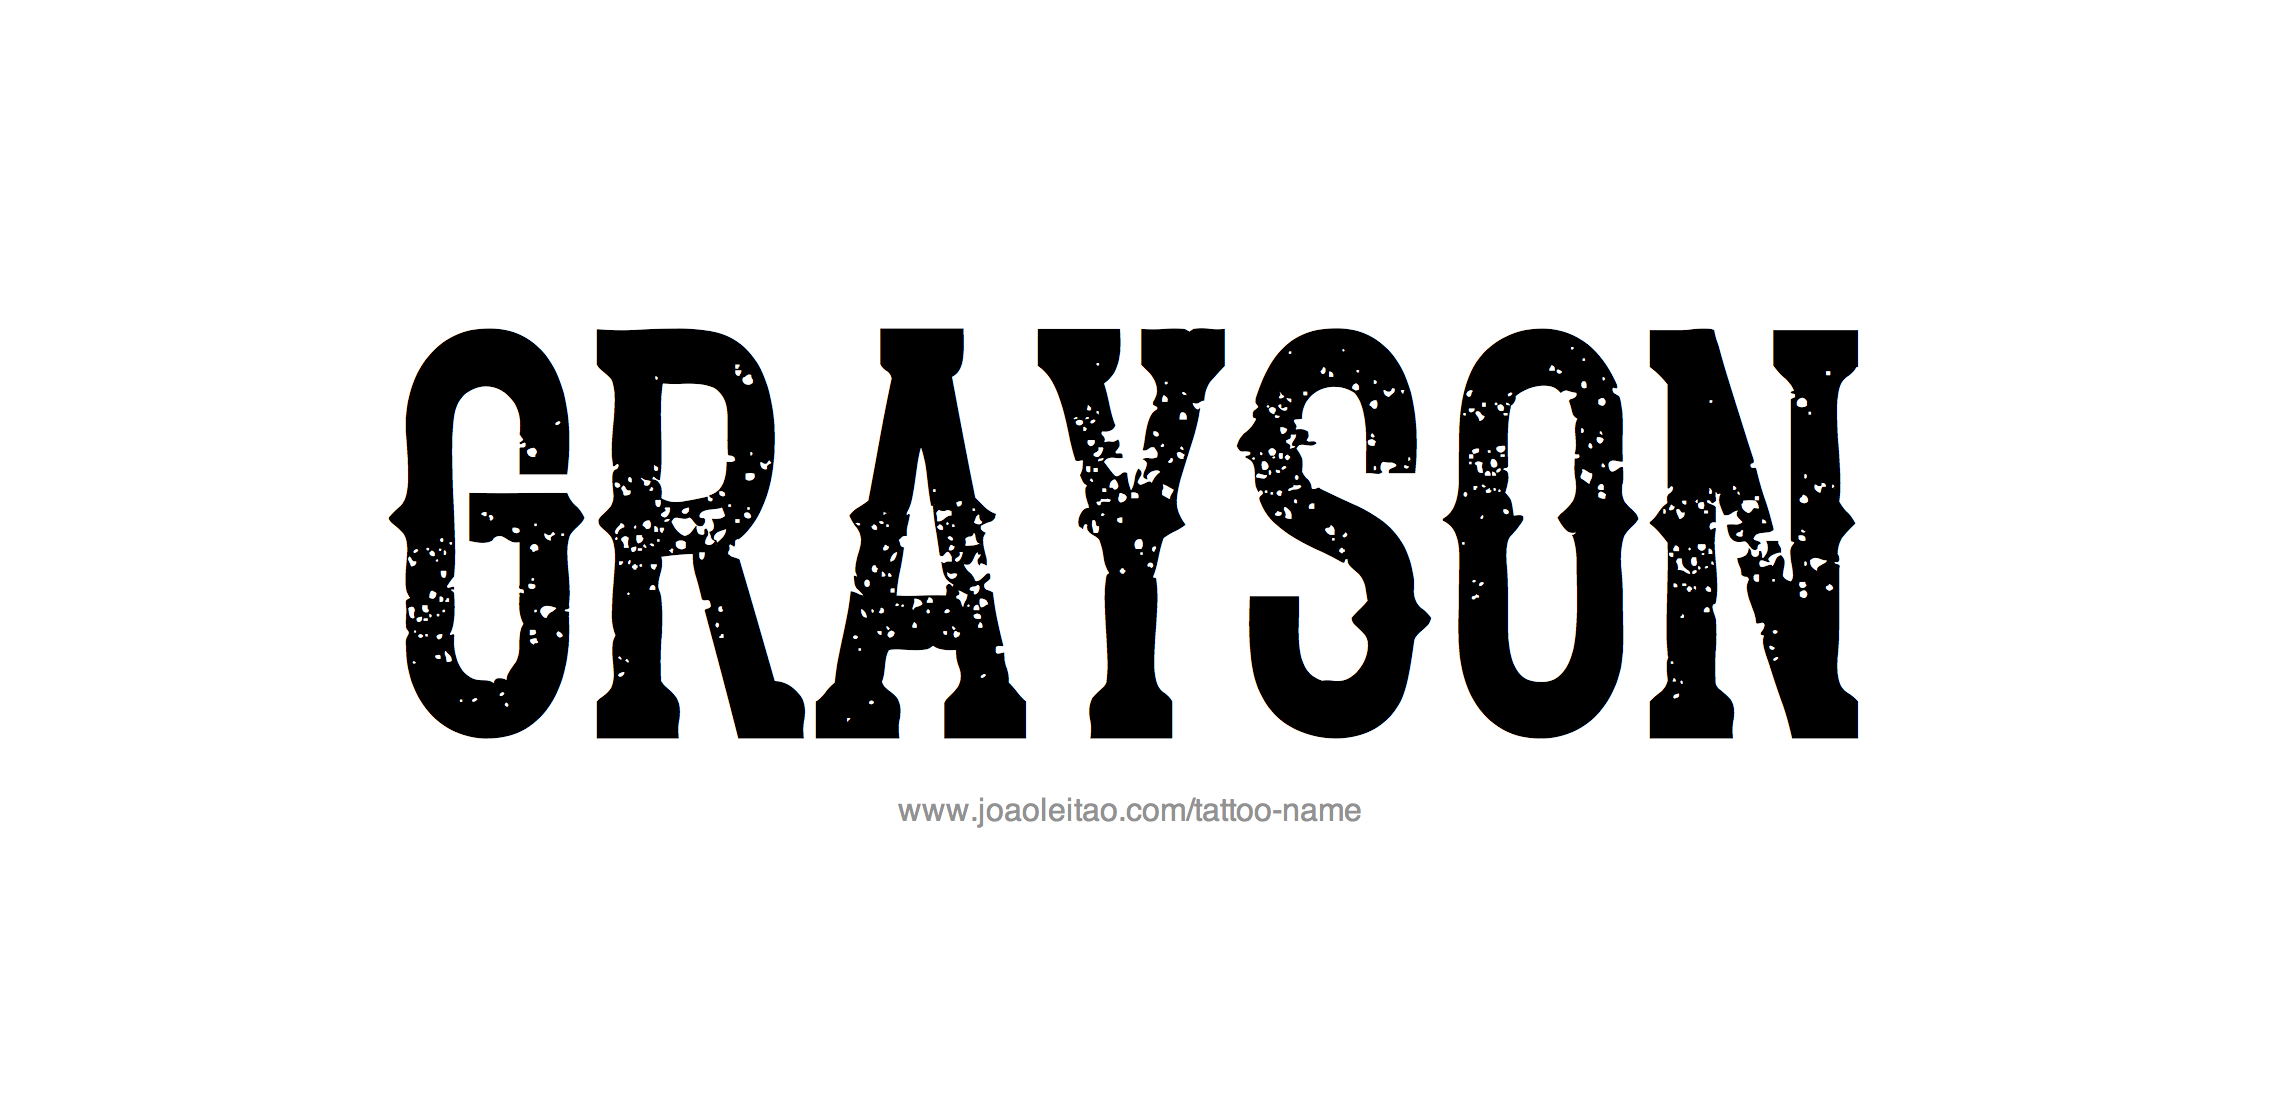 Grayson Name Tattoo Designs  |Grayson Name